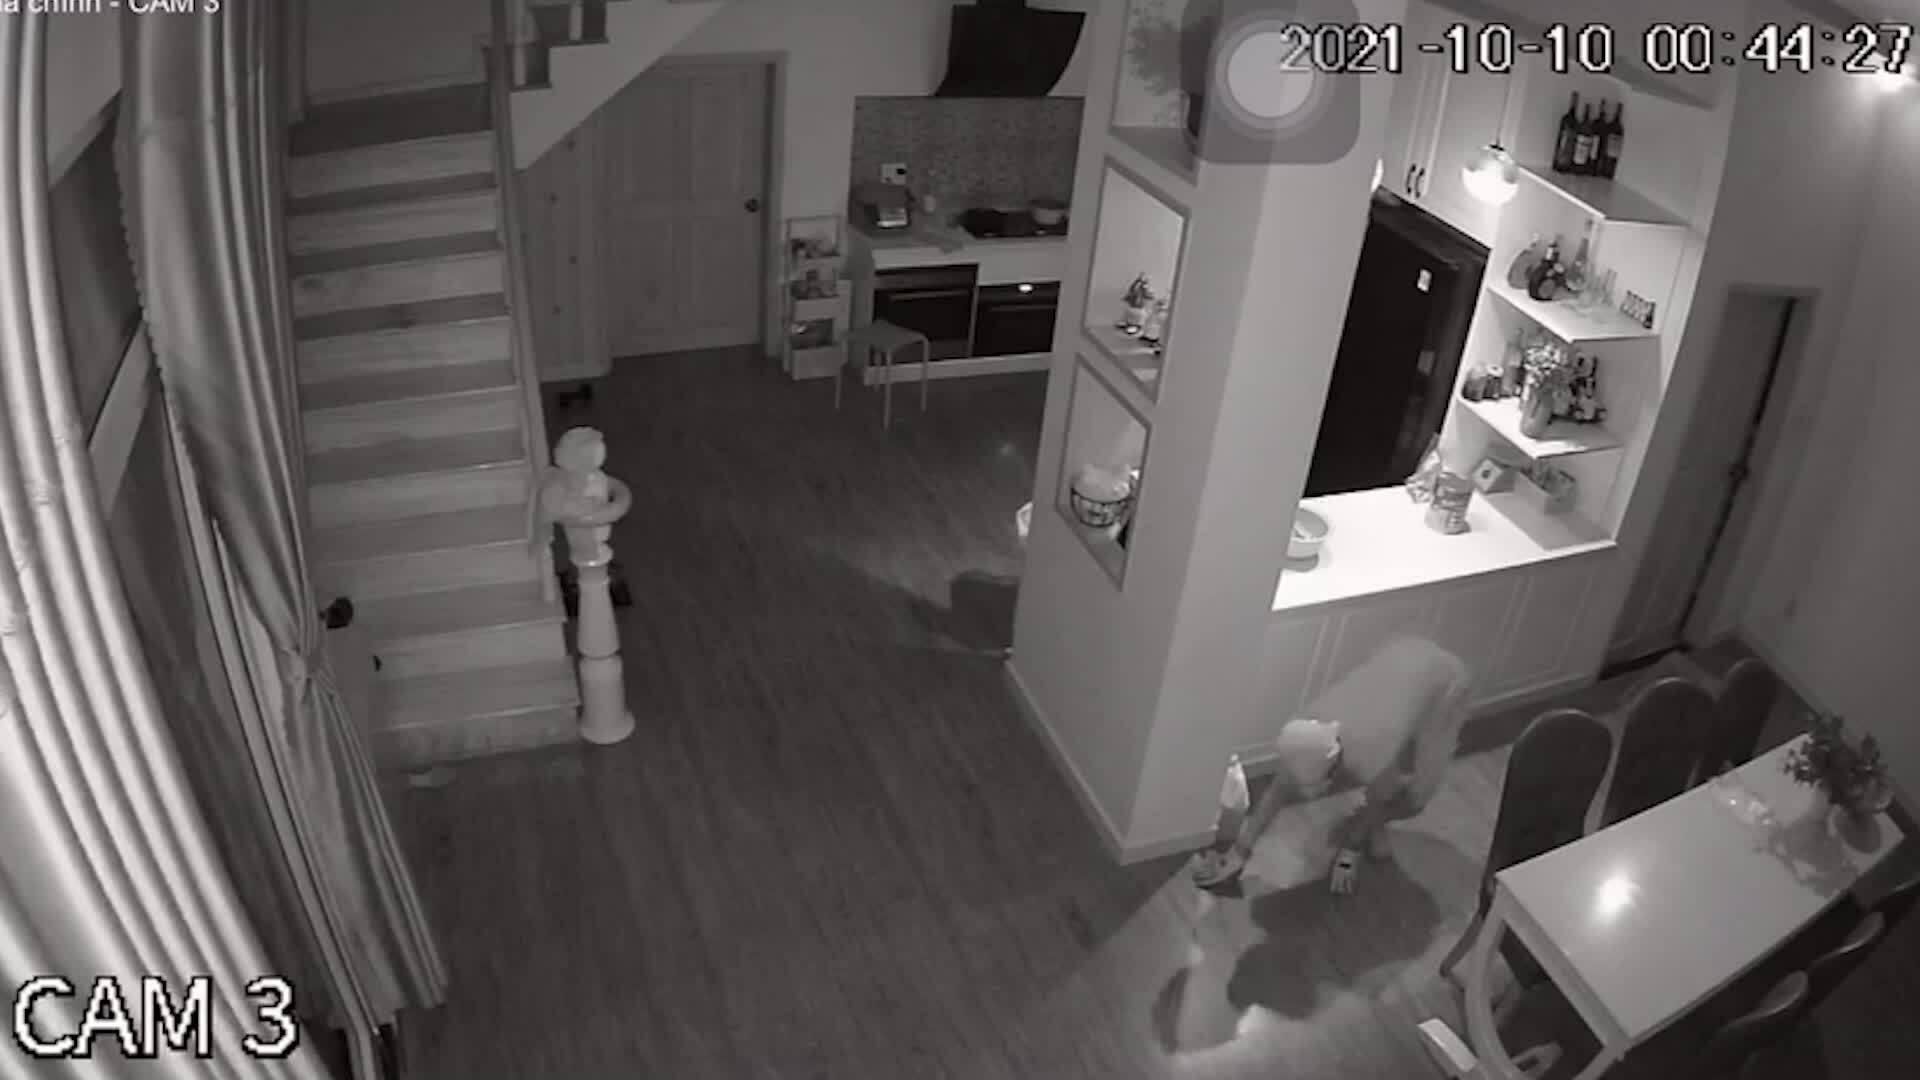 Camera an ninh: Trộm tài sản ngay cạnh chủ nhà